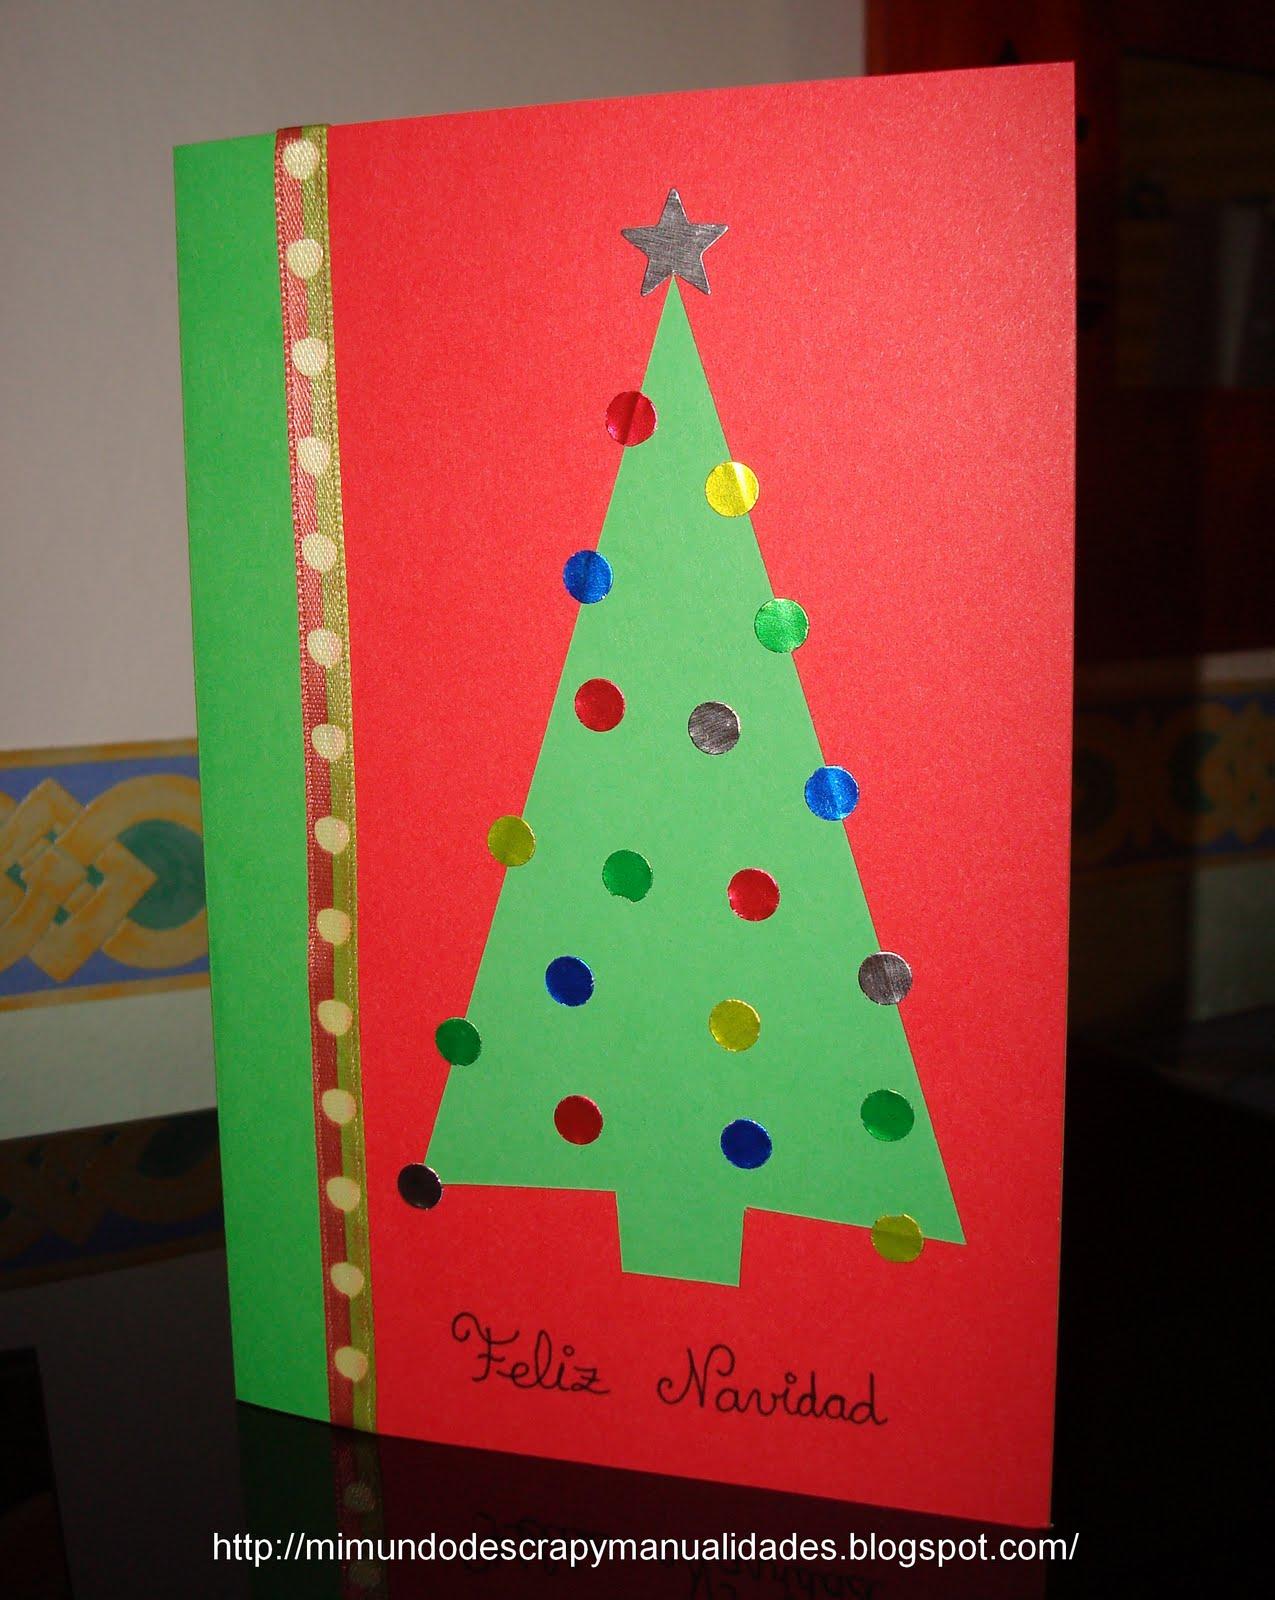 Mi mundo de scrap y manualidades postal de navidad 3 - Manualidades para hacer tarjetas ...